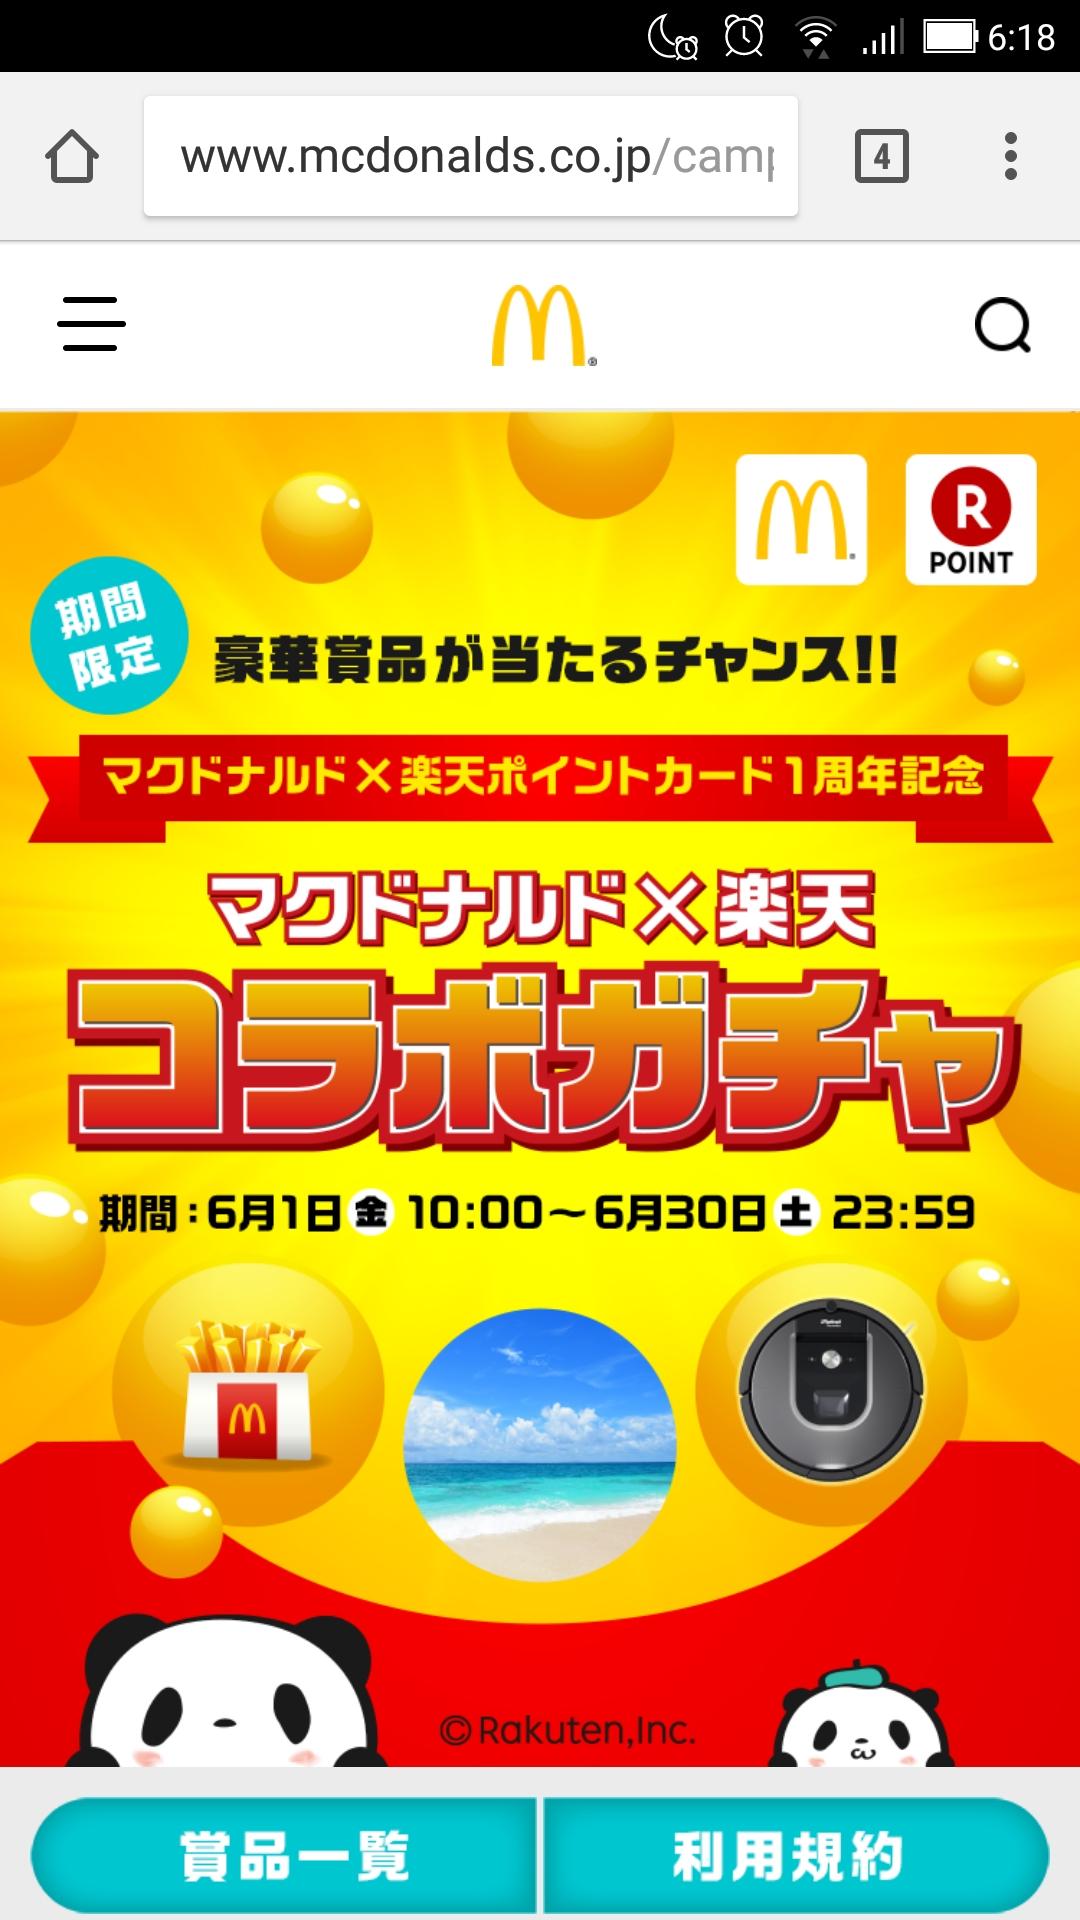 マックアプリ×楽天でマック商品当たるかも♪